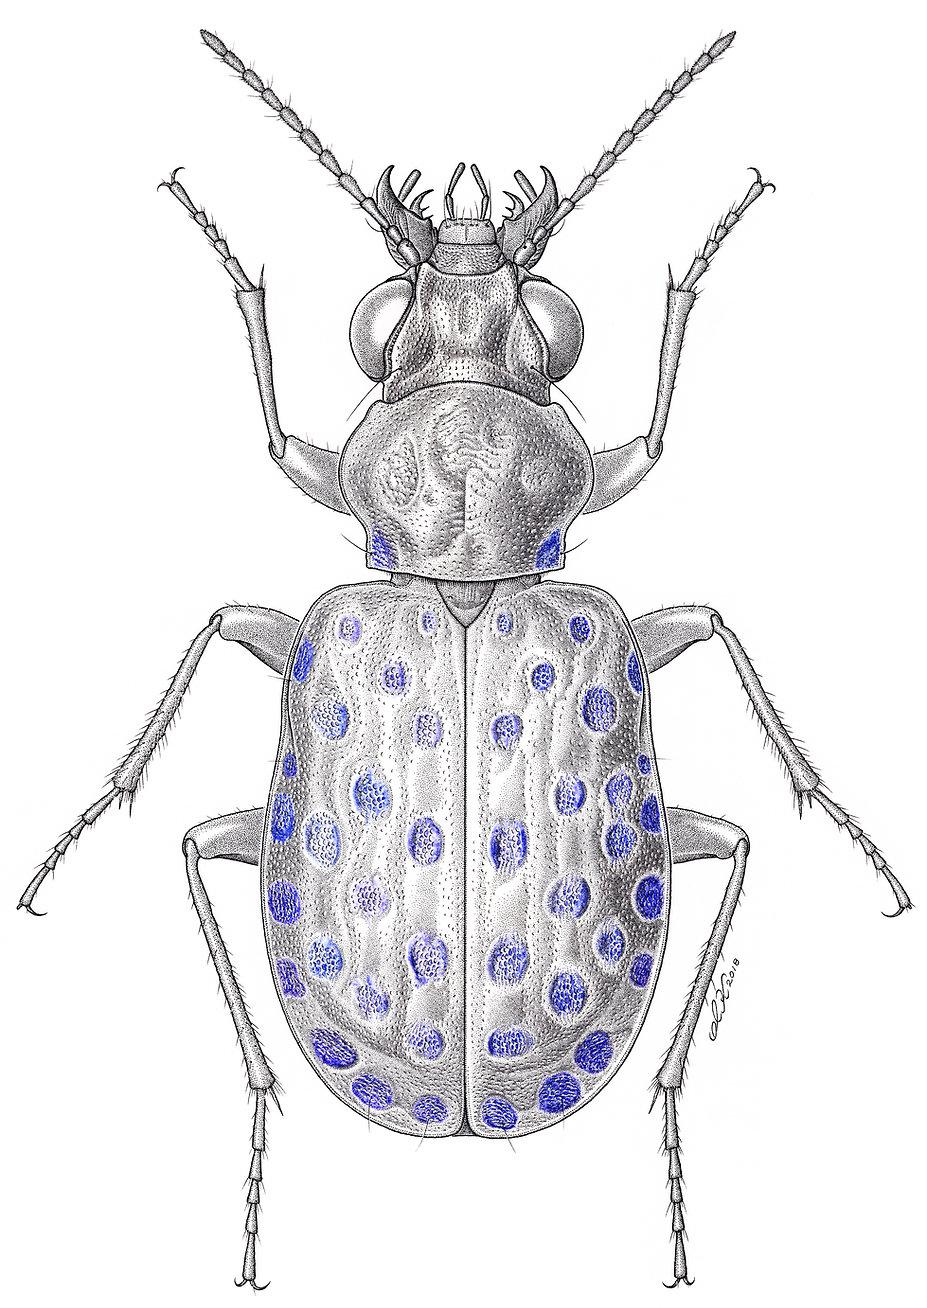 オオハンミョウモドキ Elaphrus japonicus